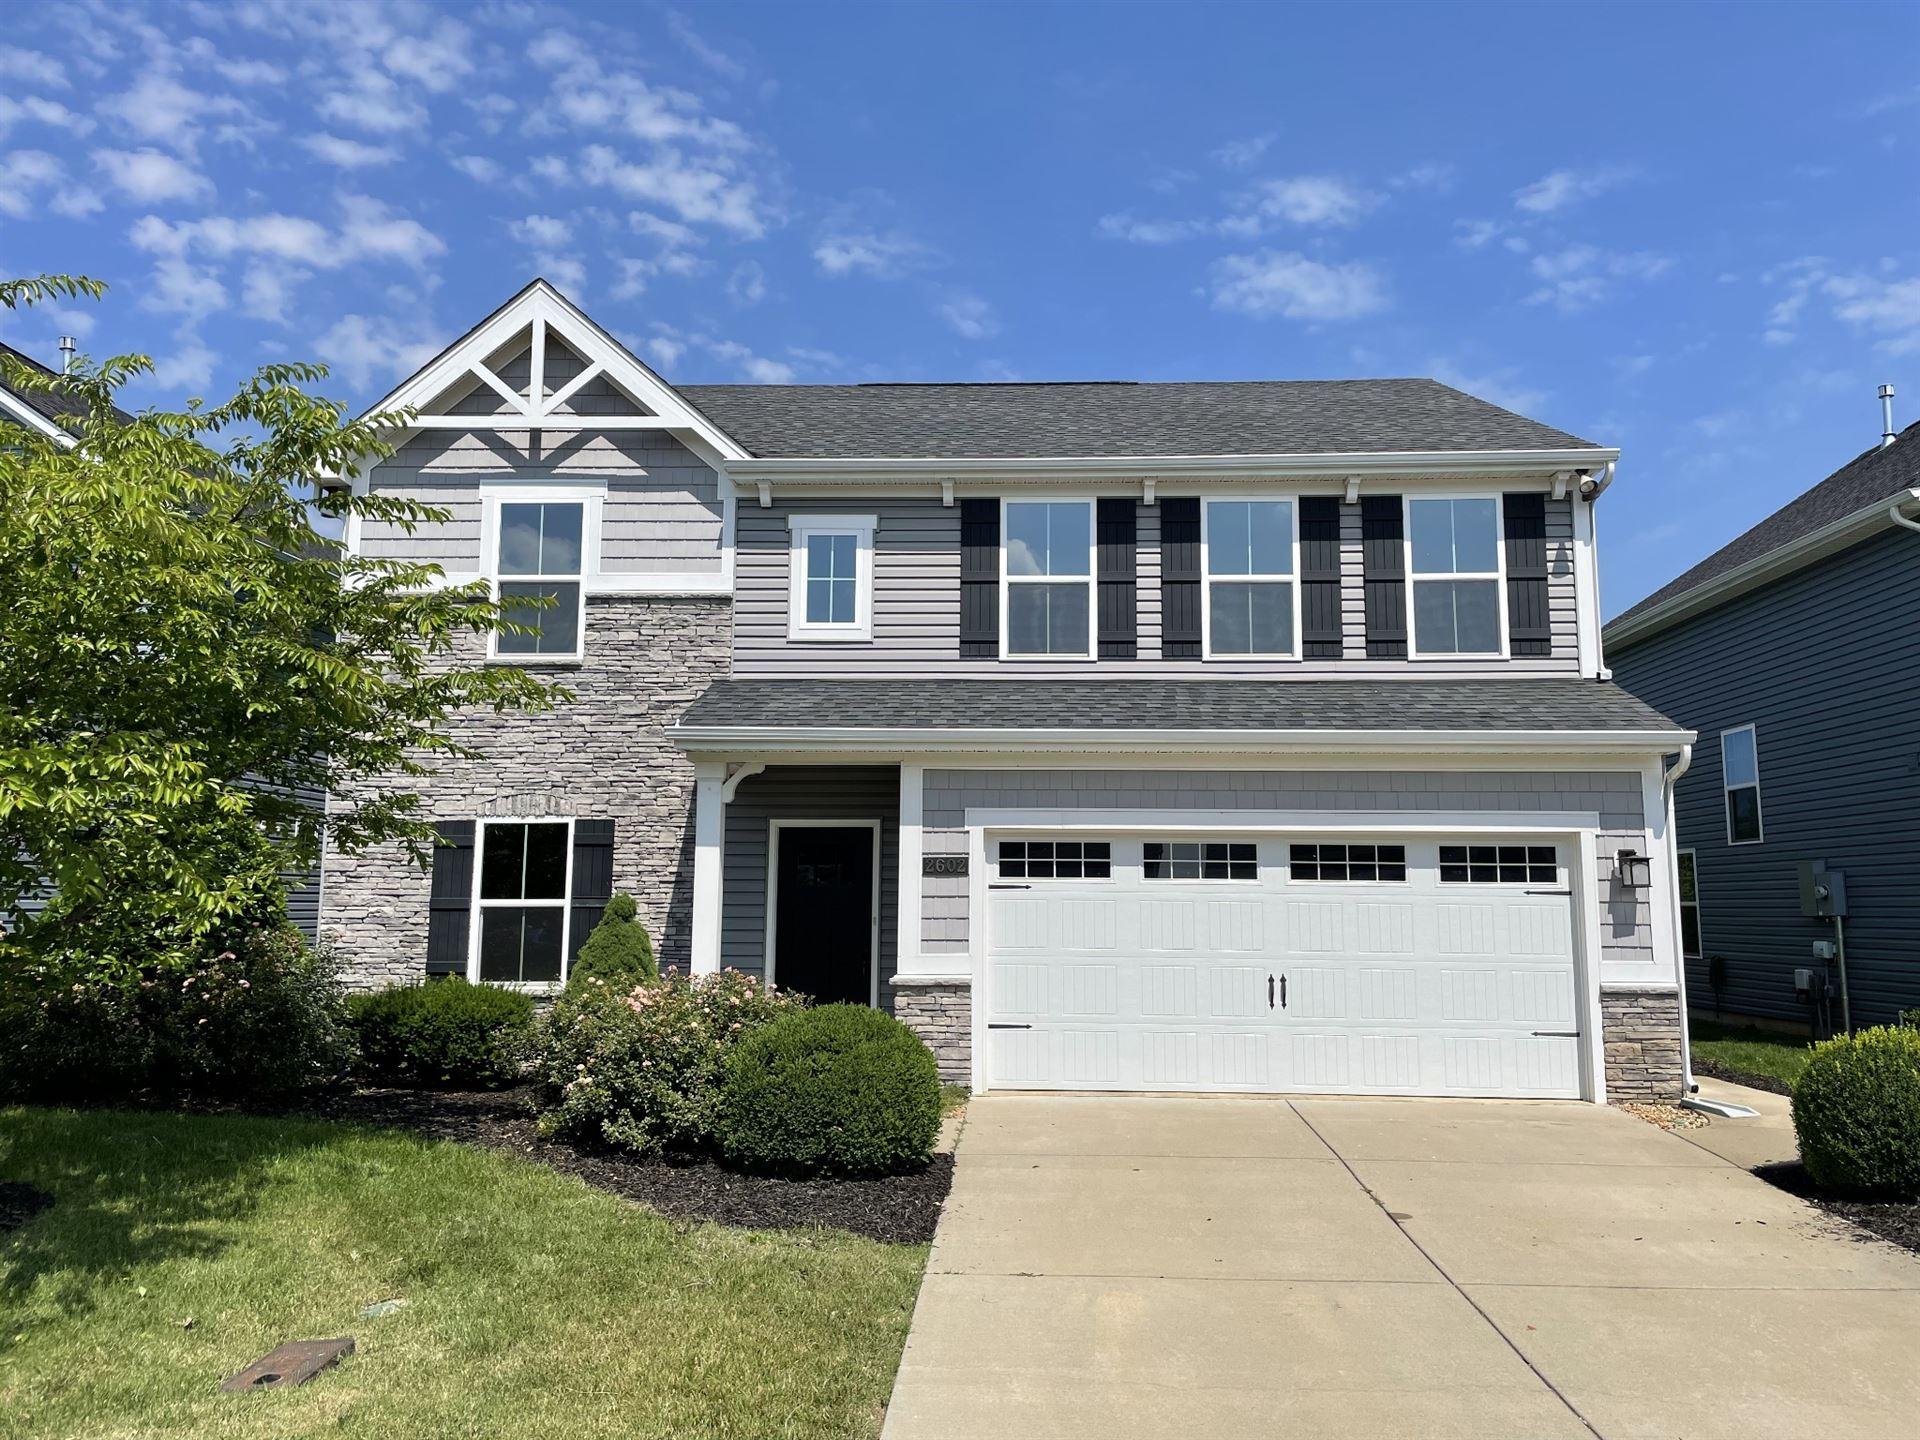 2602 Bluffton Ln, Columbia, TN 38401 - MLS#: 2264820